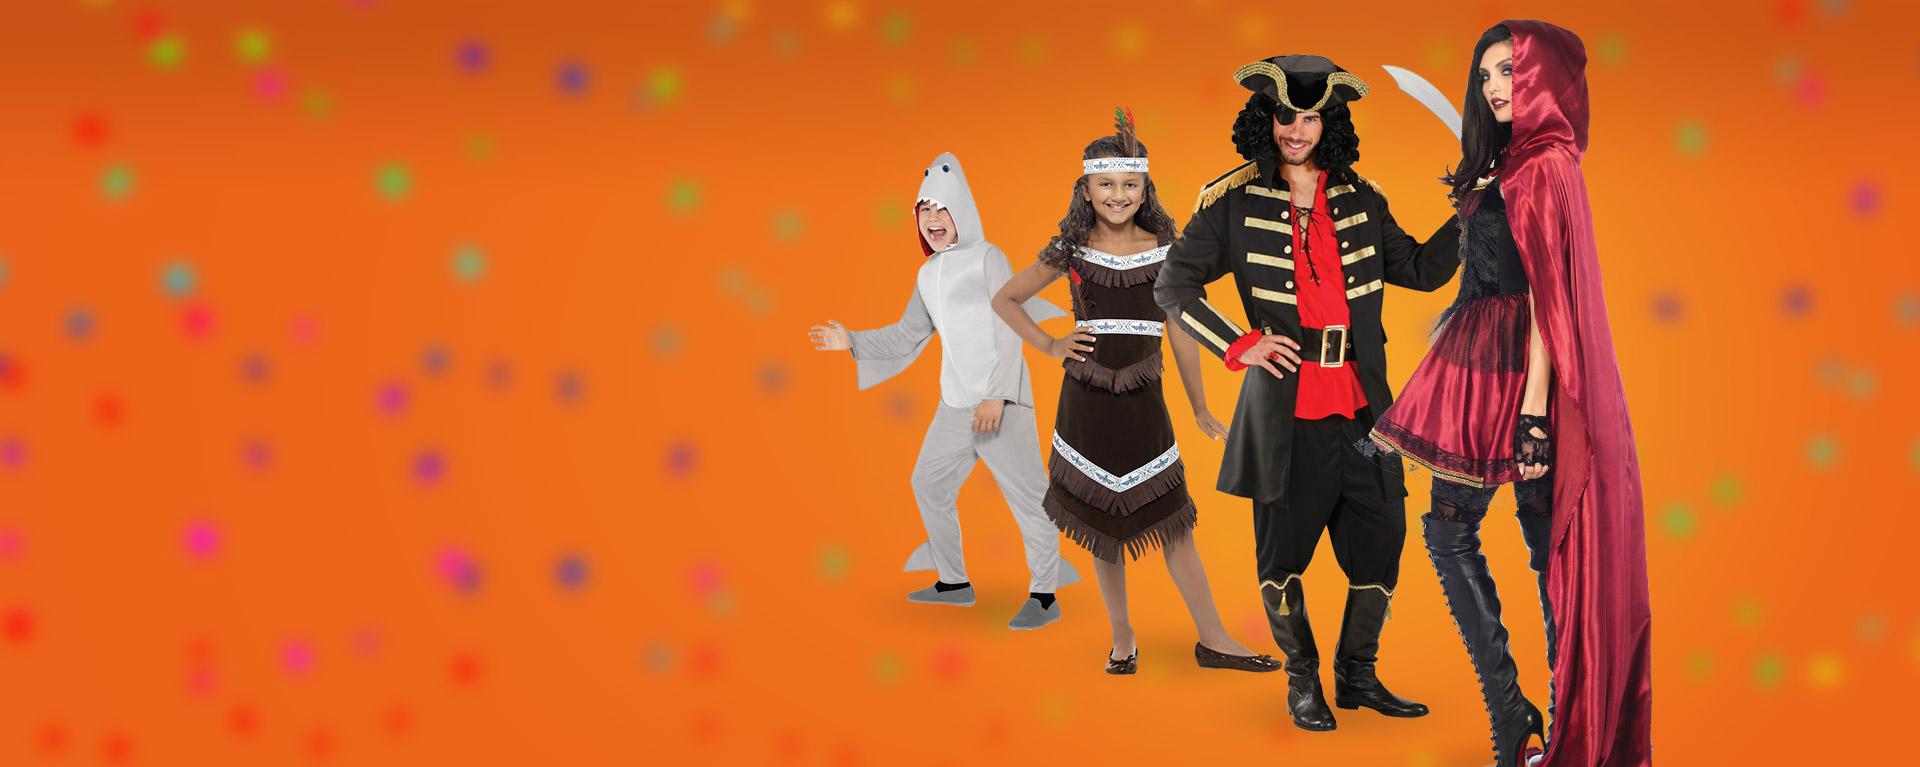 Onze feestwinkel puilt weer uit met Carnavalskleding en Carnavalskostuums!